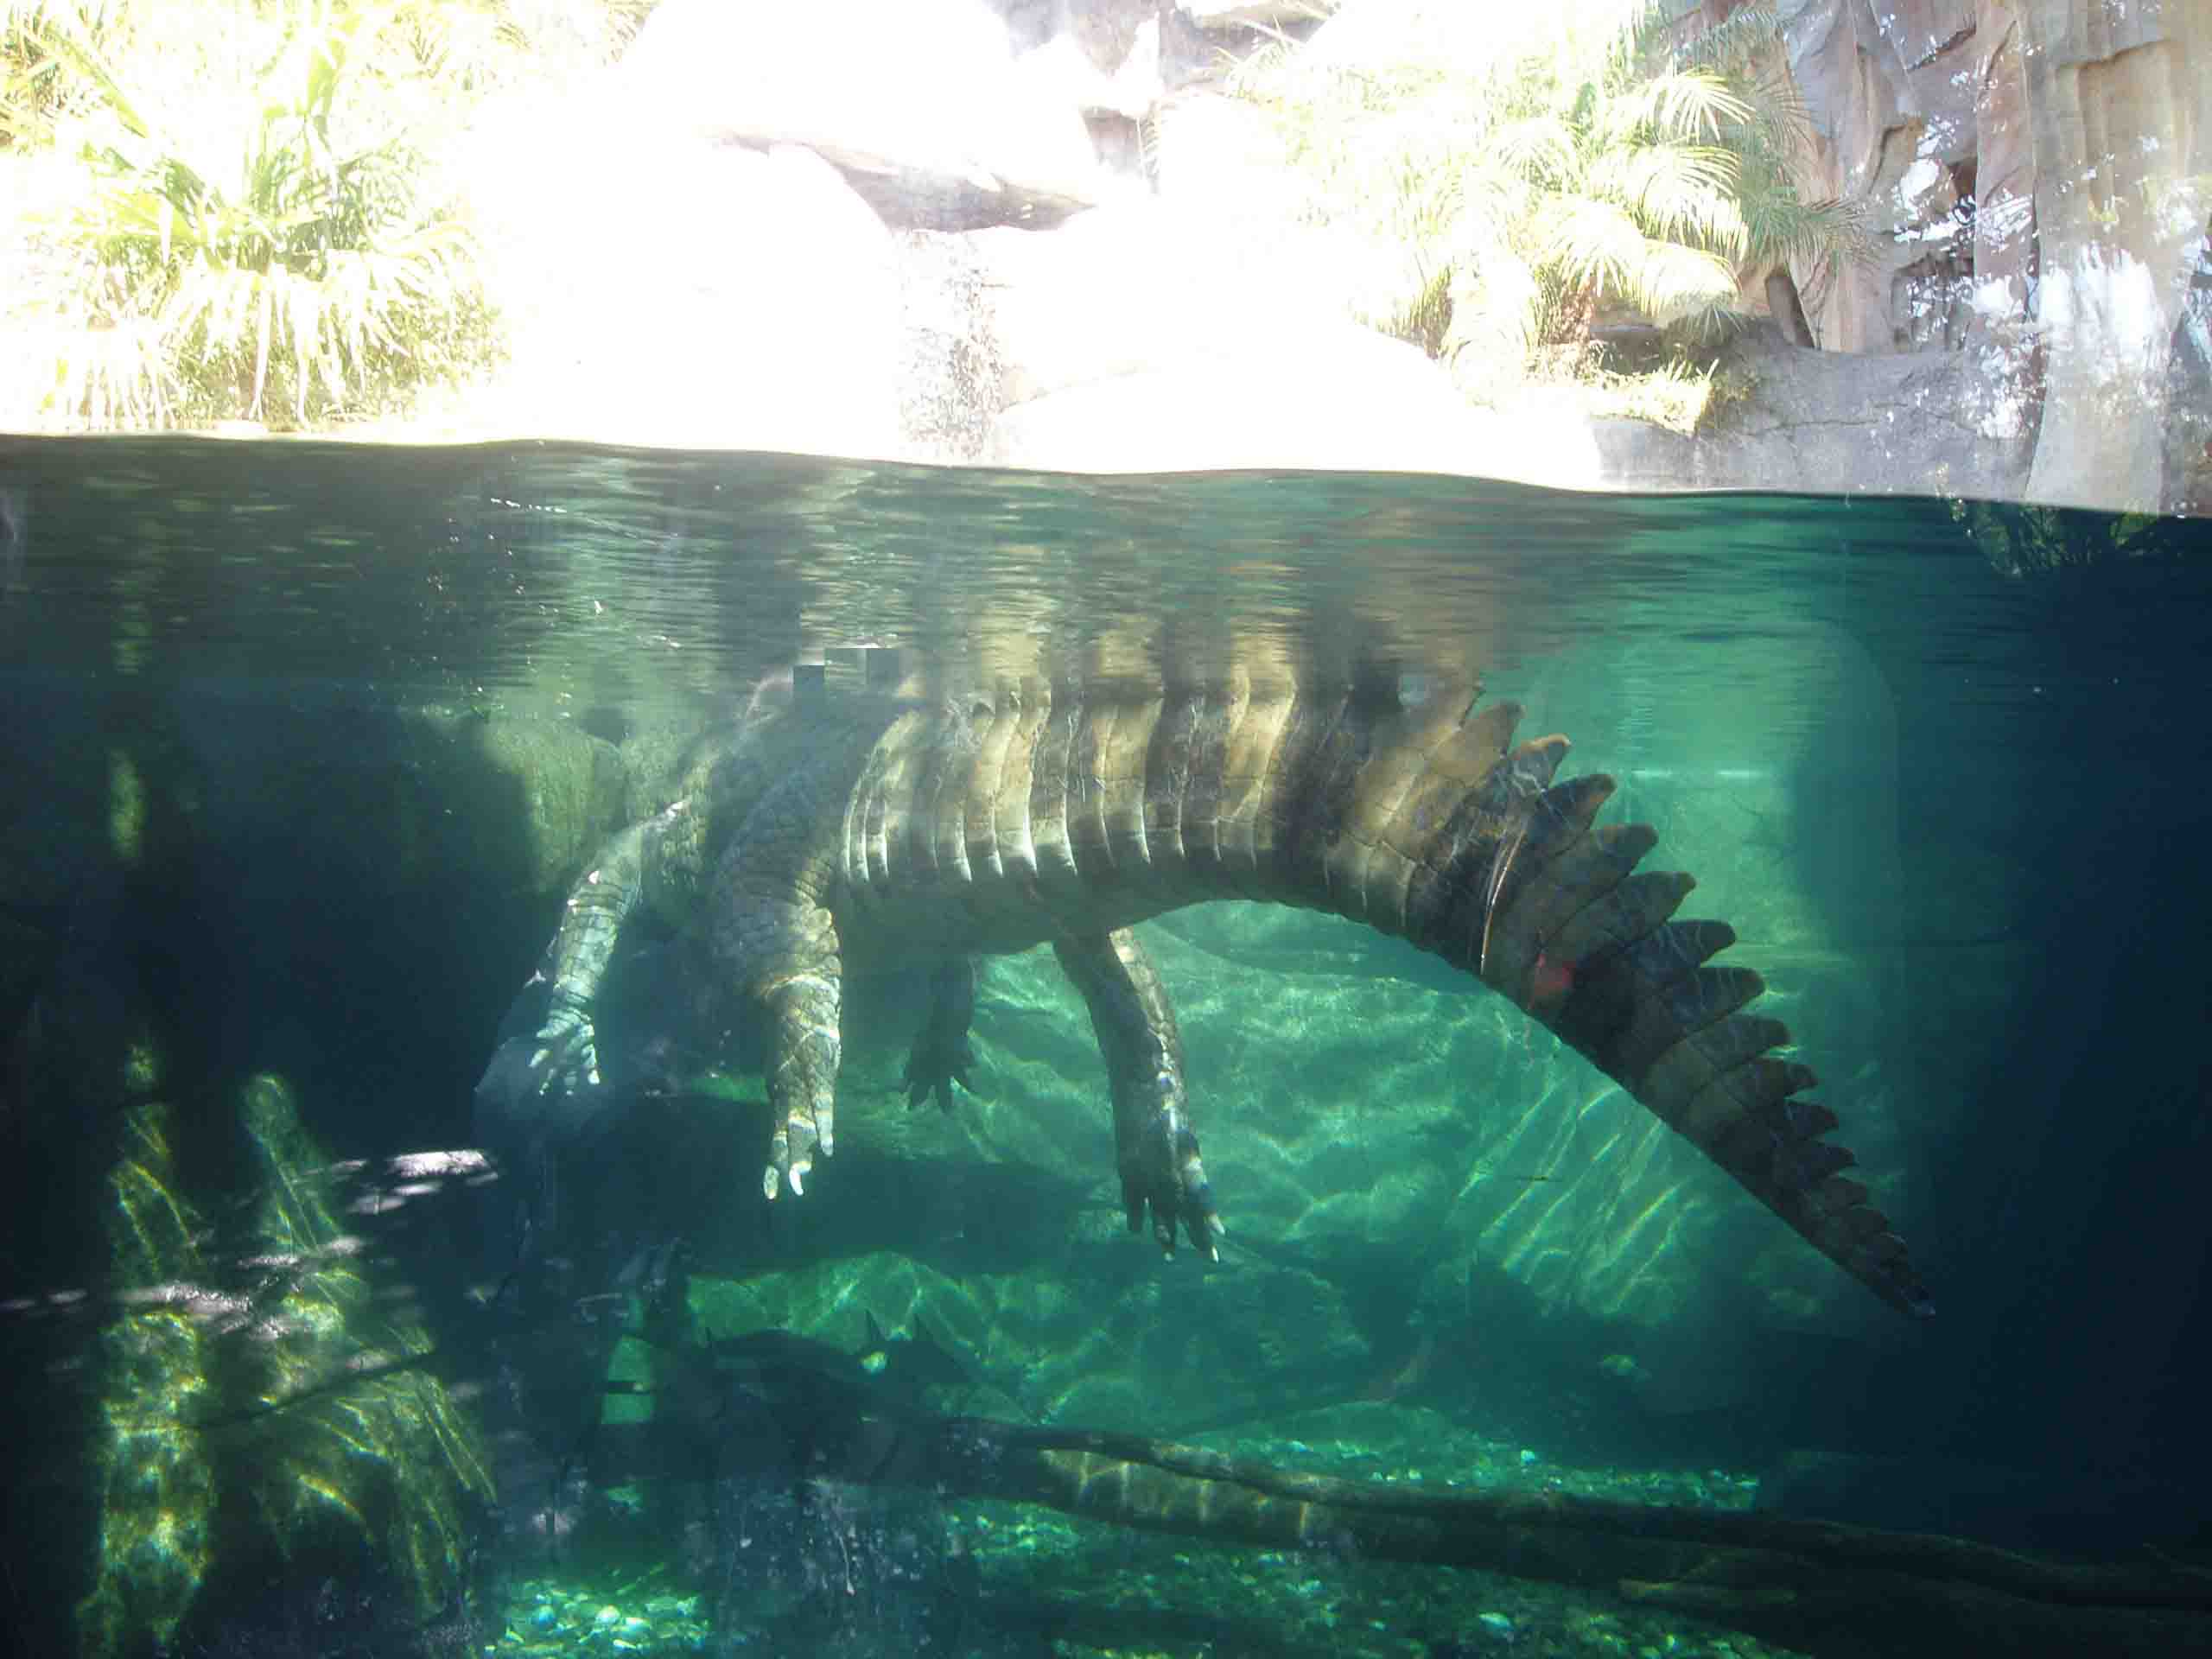 krokodil%20onder.jpg